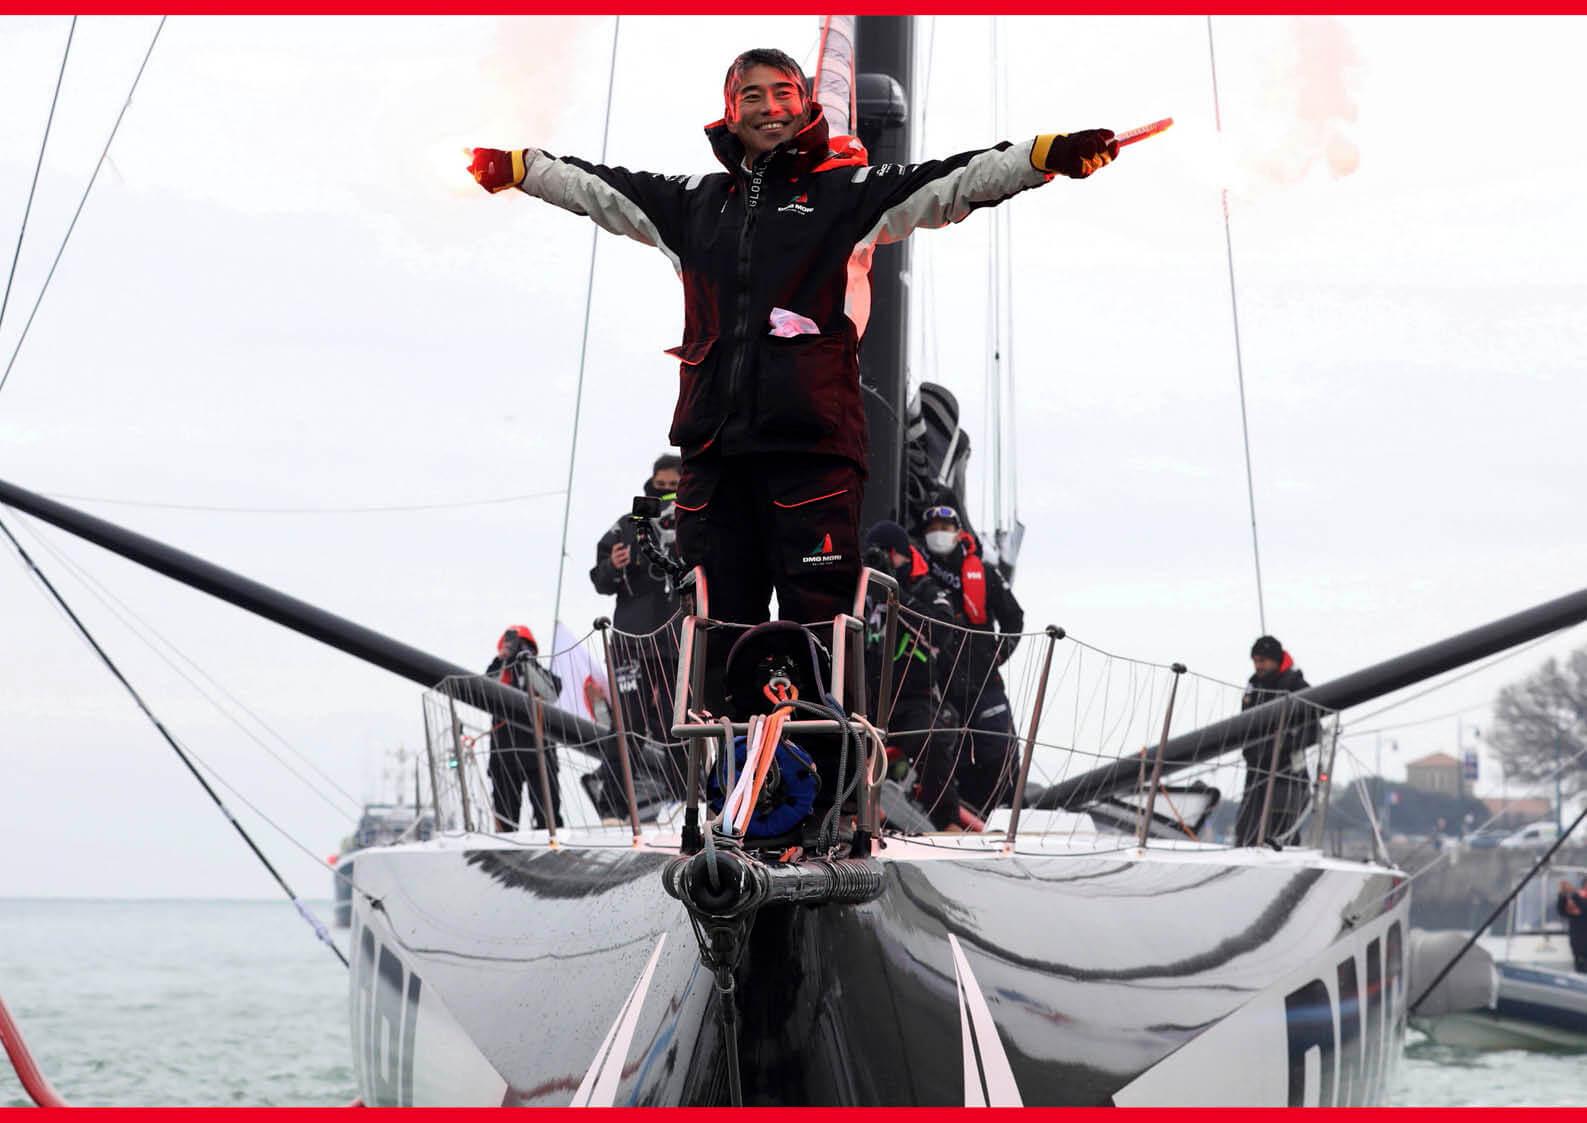 単独無寄港世界一周を果たした白石康次郎さんが「MJCマリン賞2021大賞」に決定しました ジェットスキー(水上バイク)